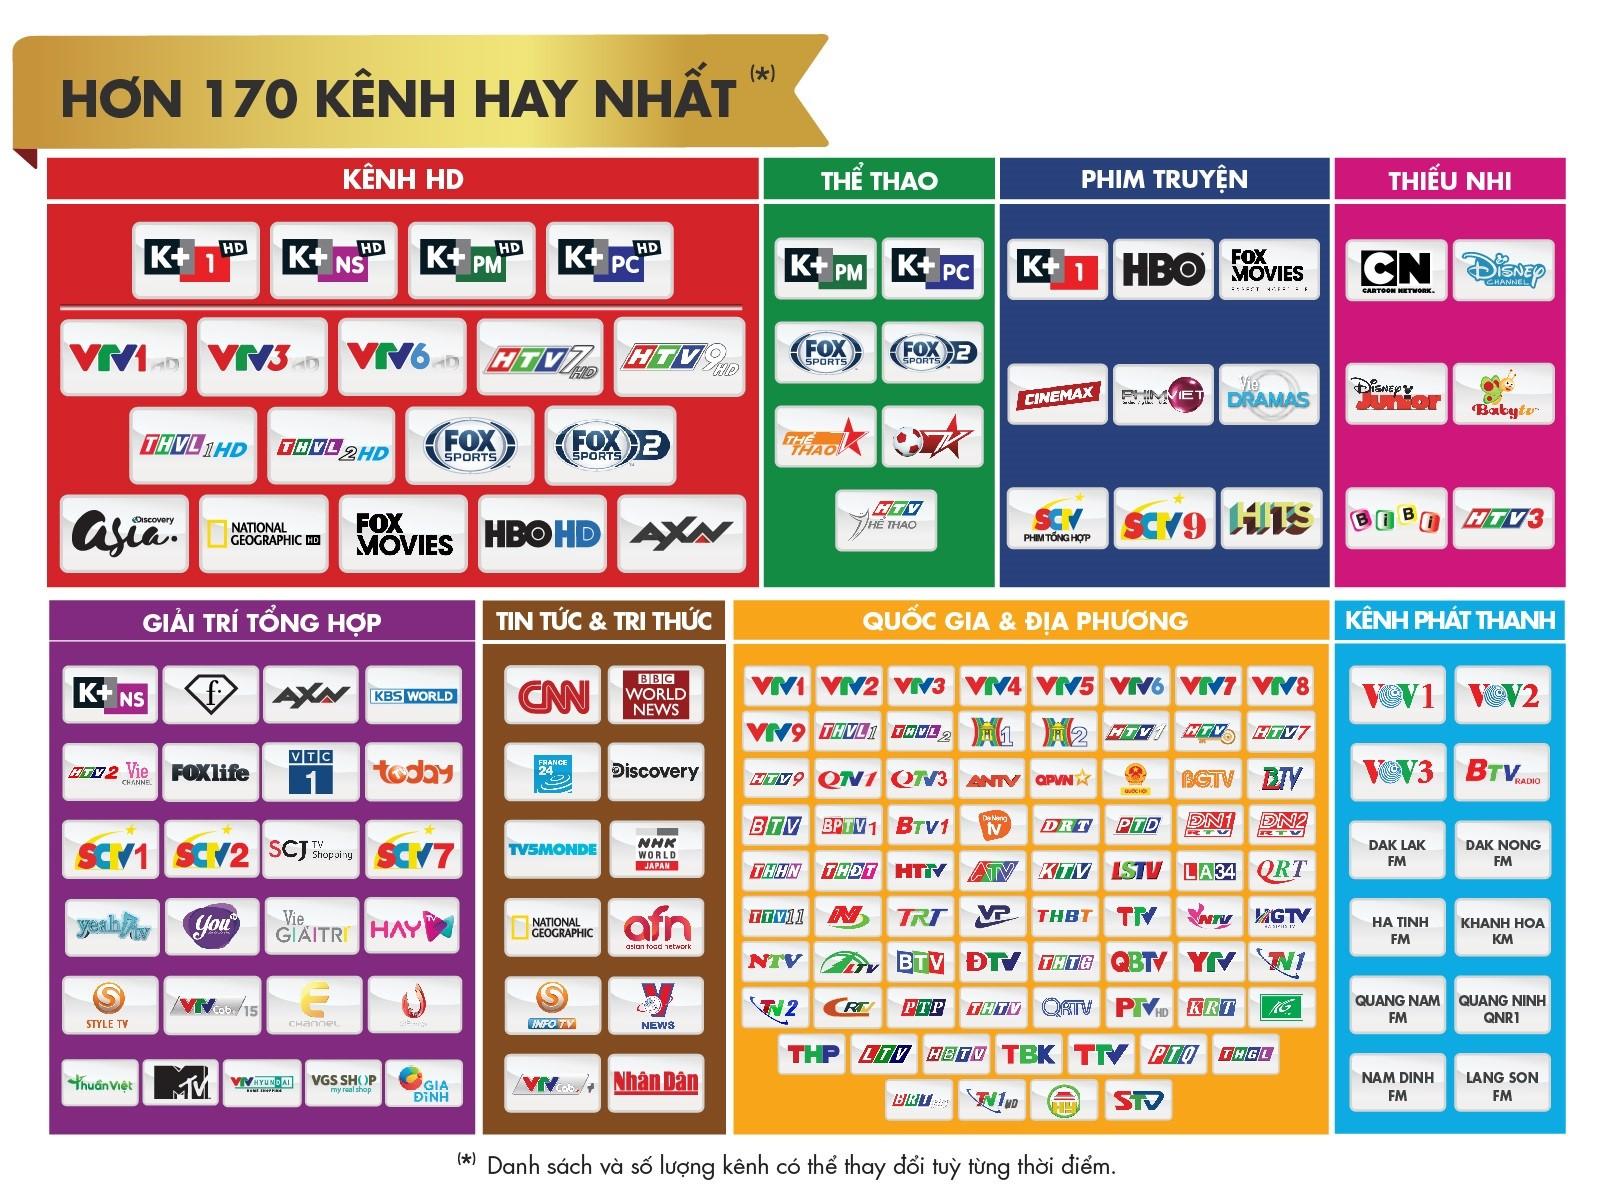 Danh sách kênh trên hệ thống truyền hình số vệ tinh K+